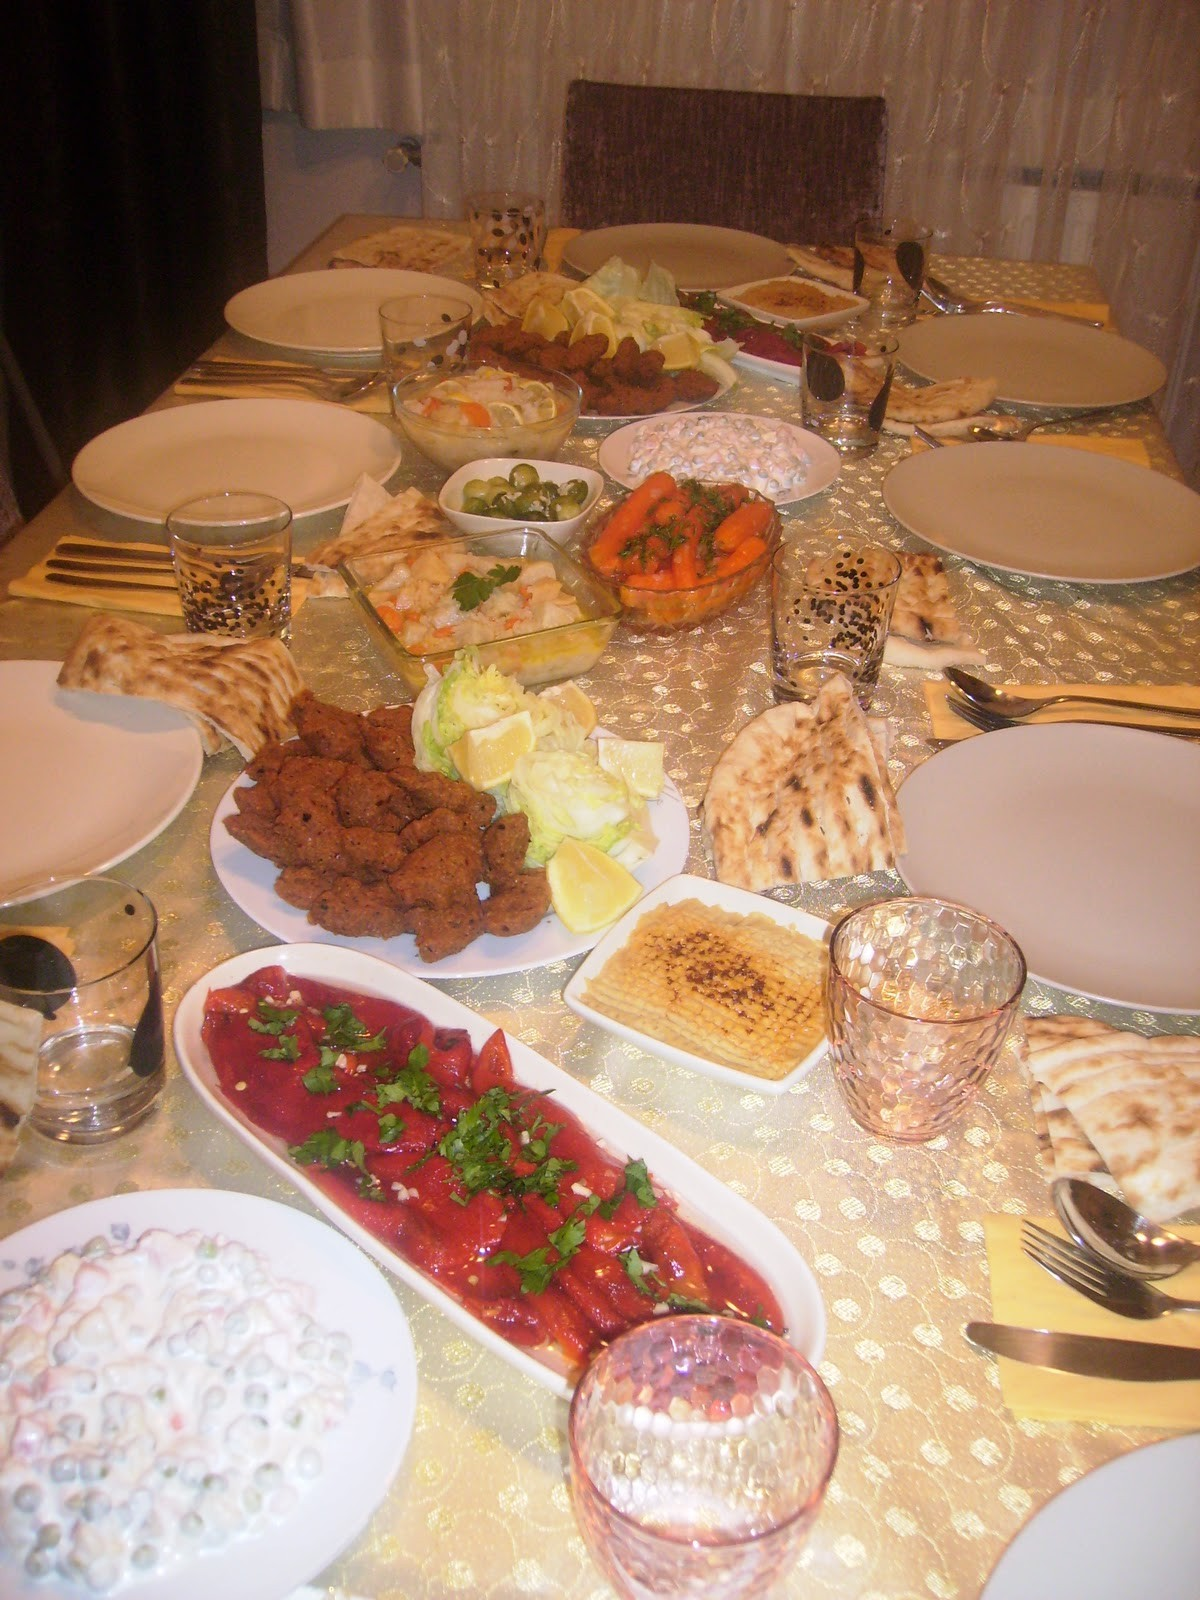 Iftar menüsü içindekiler — Görsel Yemek Tarifleri Sitesi ...